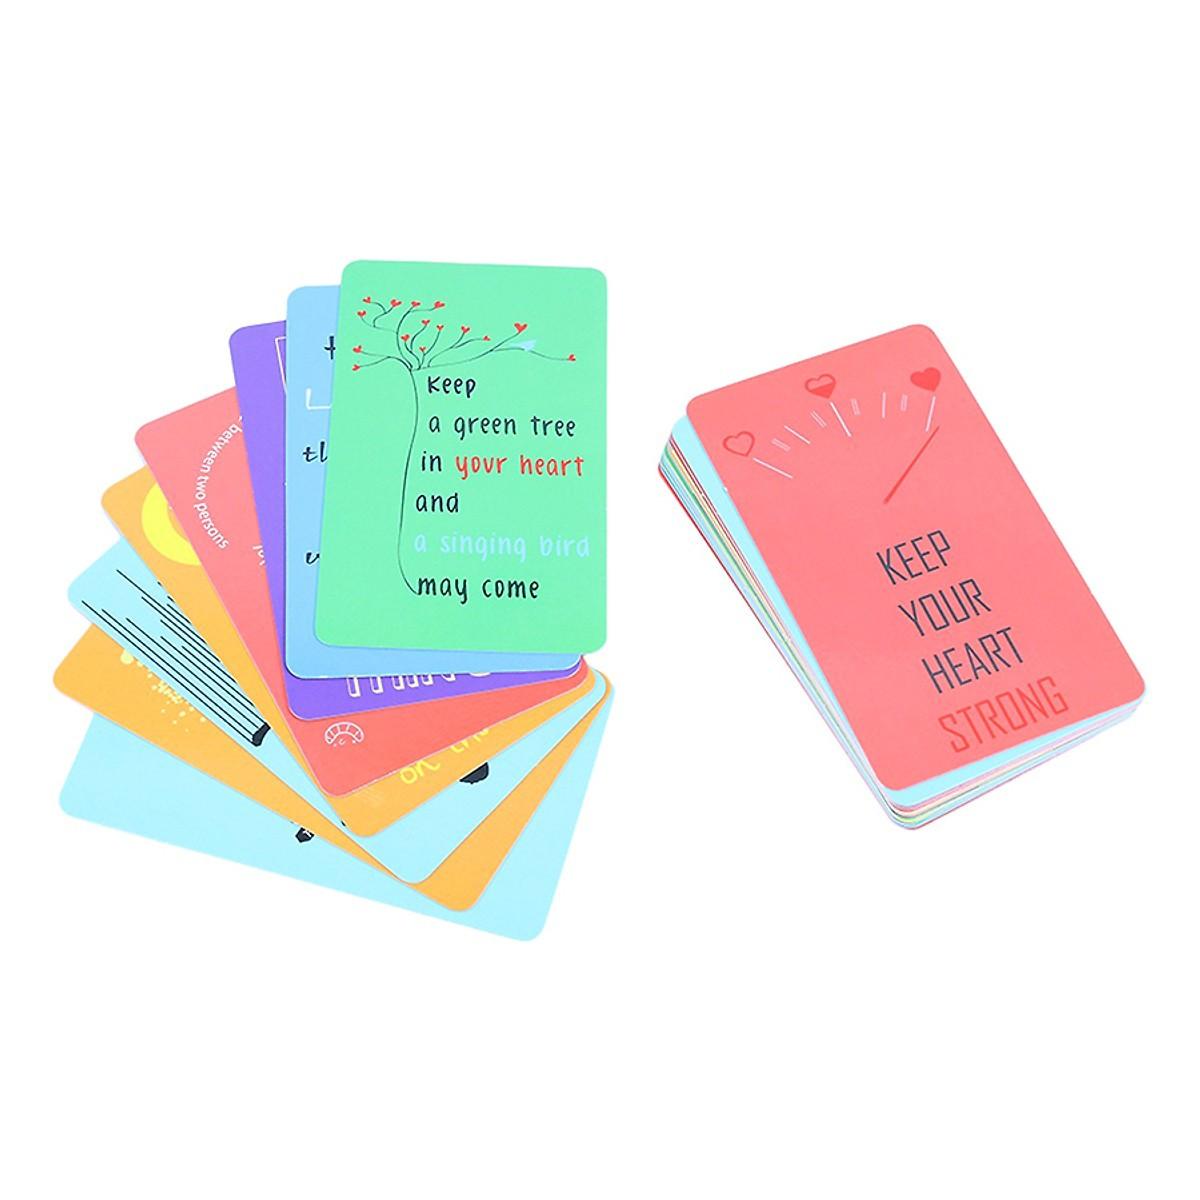 Combo Sách Văn Học: Bóc Mẽ Những Cái Cớ Của Đàn Ông + Làm Phụ Nữ Không Khổ Tí Nào - (Những Cuốn Sách Phá Vỡ Mọi Định Kiến Về Con Gái / Tặng Kèm Postcard Happylife)